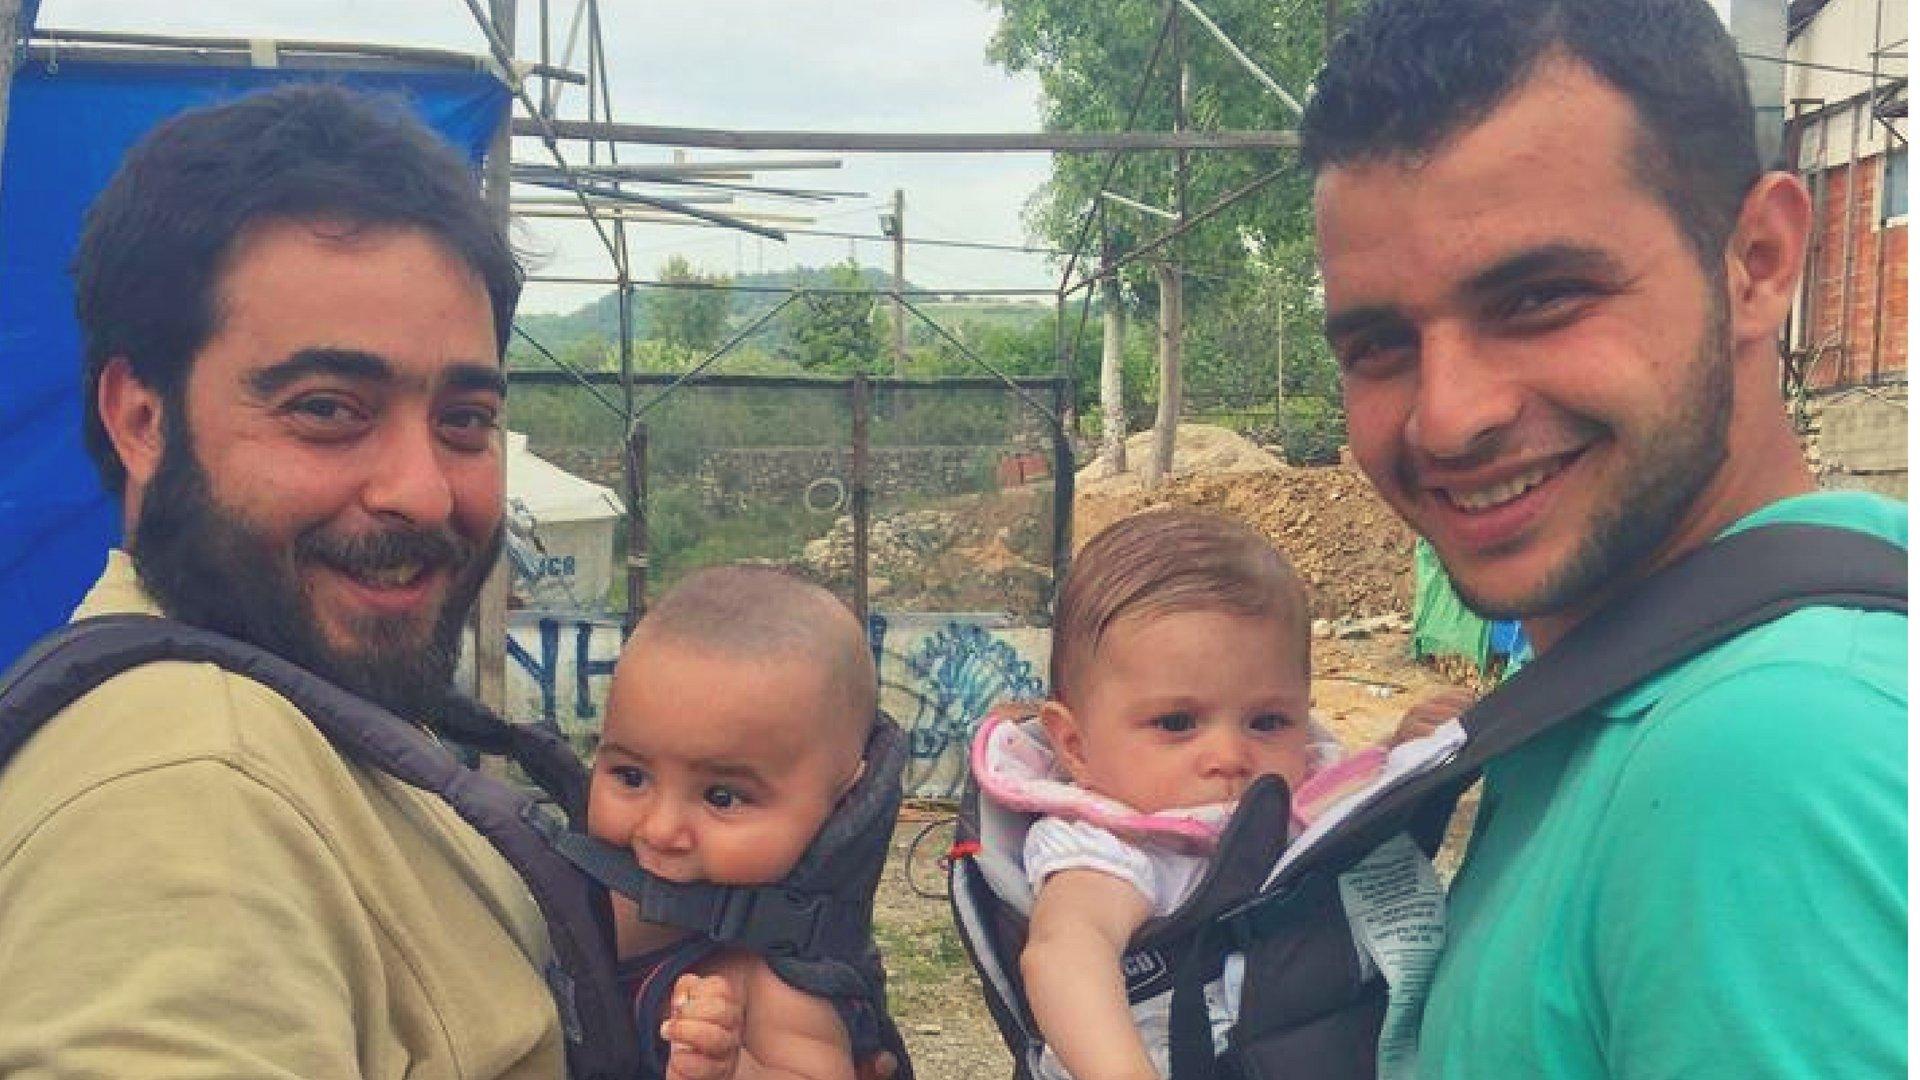 Celebrating Refugee Dads!